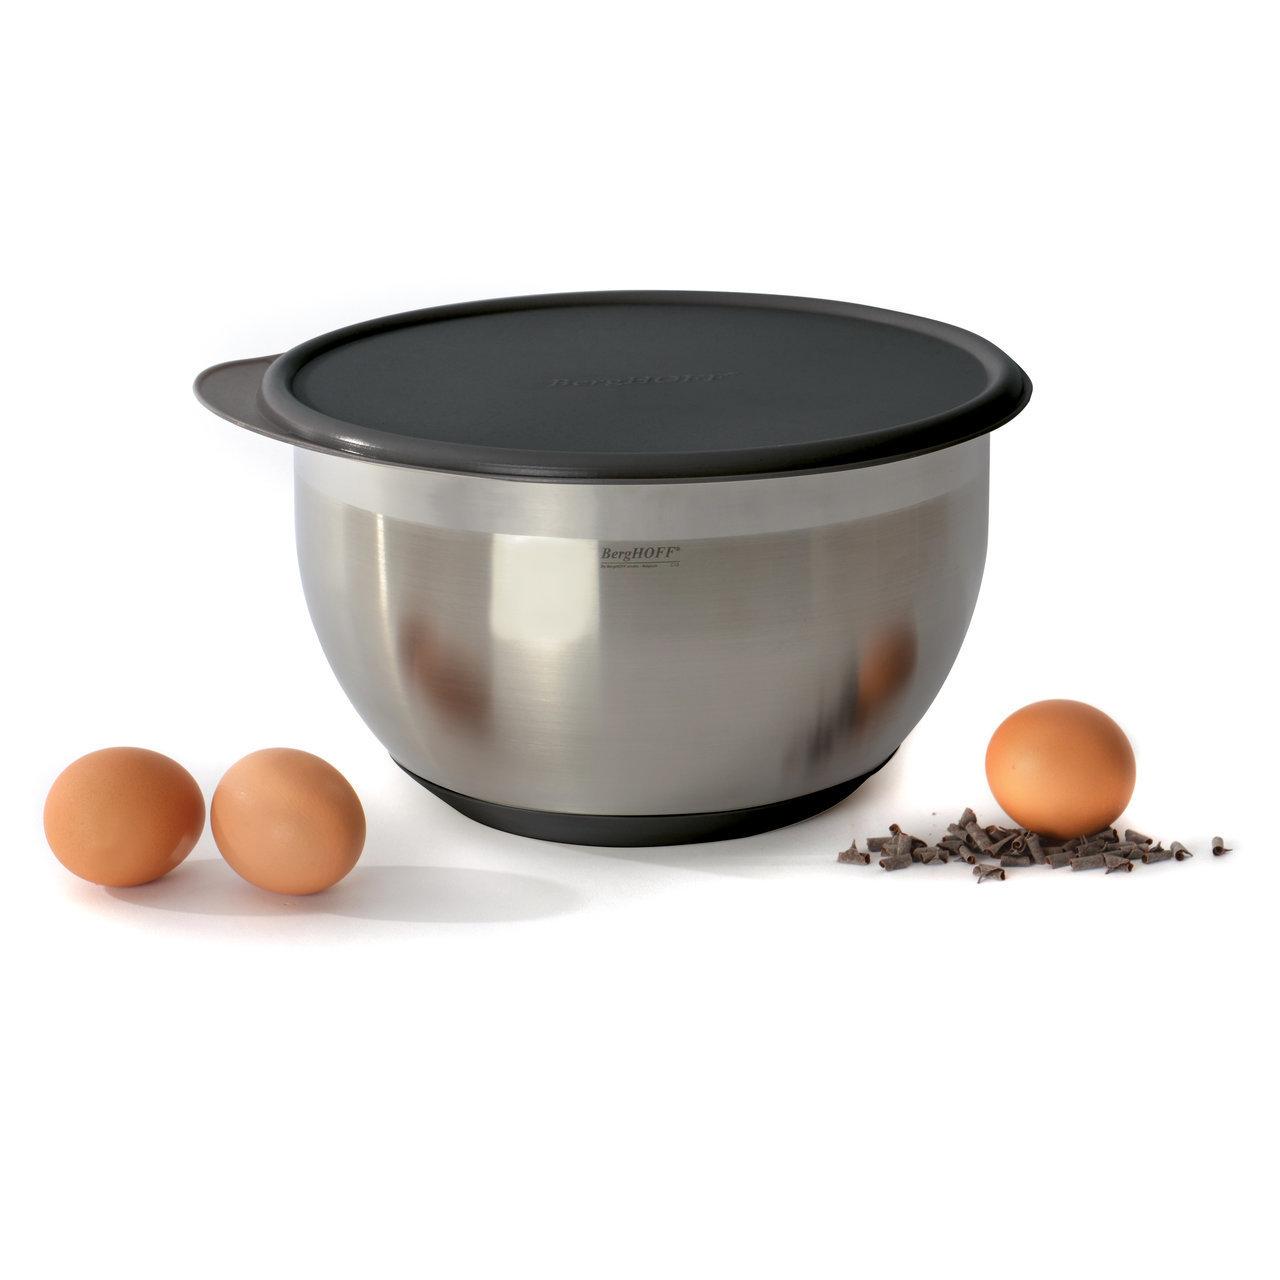 Миска с крышкой (прорезиненное дно) 1,5л 16см BergHOFF Eclipse 3700062Контейнеры для хранения<br>Миска с крышкой (прорезиненное дно) 1,5л 16см BergHOFF Eclipse 3700062<br><br>Легкая, но прочная миска из нержавеющей стали: долговечная и простая в чистке. Идеальна для замешивания теста, для приготовления салатов или просто стильной сервировки. Ободок для удобного слива. Крышка из ПП плотно закрывает миску, делая ее удобной для хранени продуктов. 16, 20 и 24 см миски легко вставляются одна в другую, занимая совсем немного места в шкафу.<br>Официальный продавец BergHOFF<br>